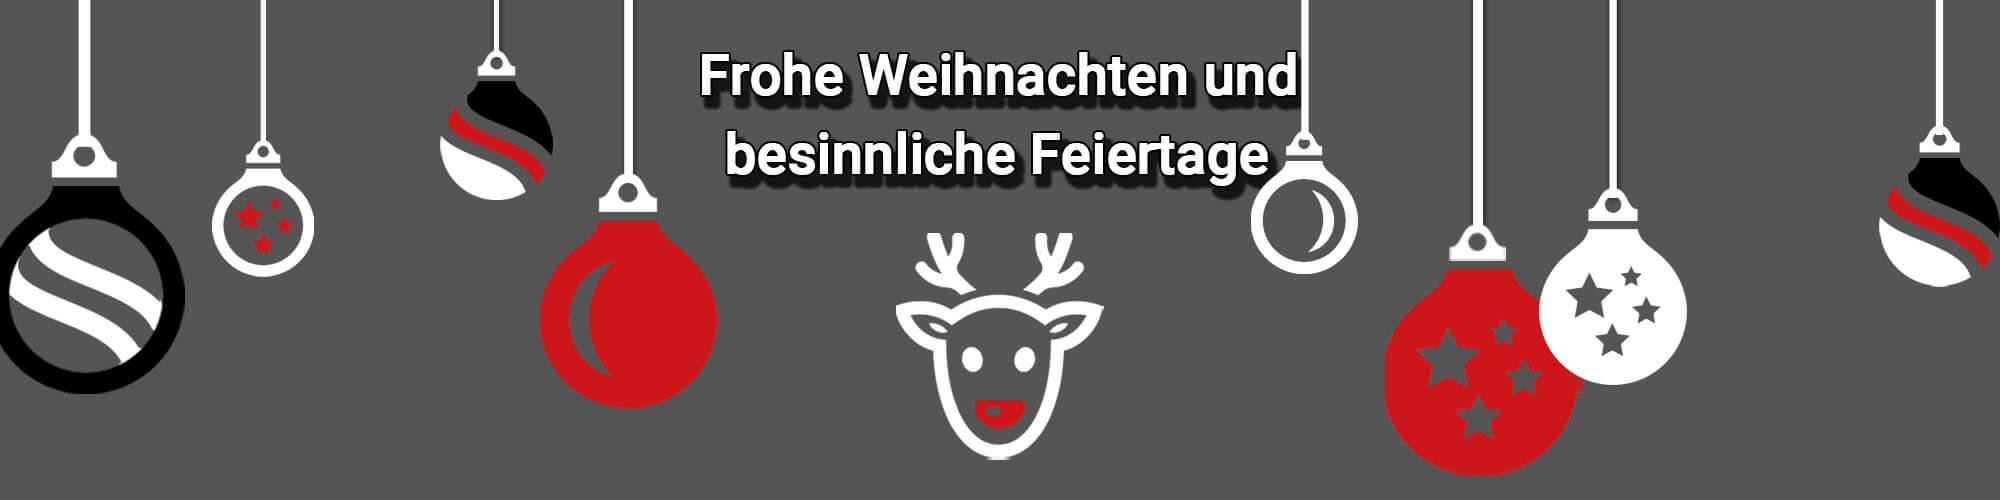 Frohe Weihnachten - gokart-profi.de